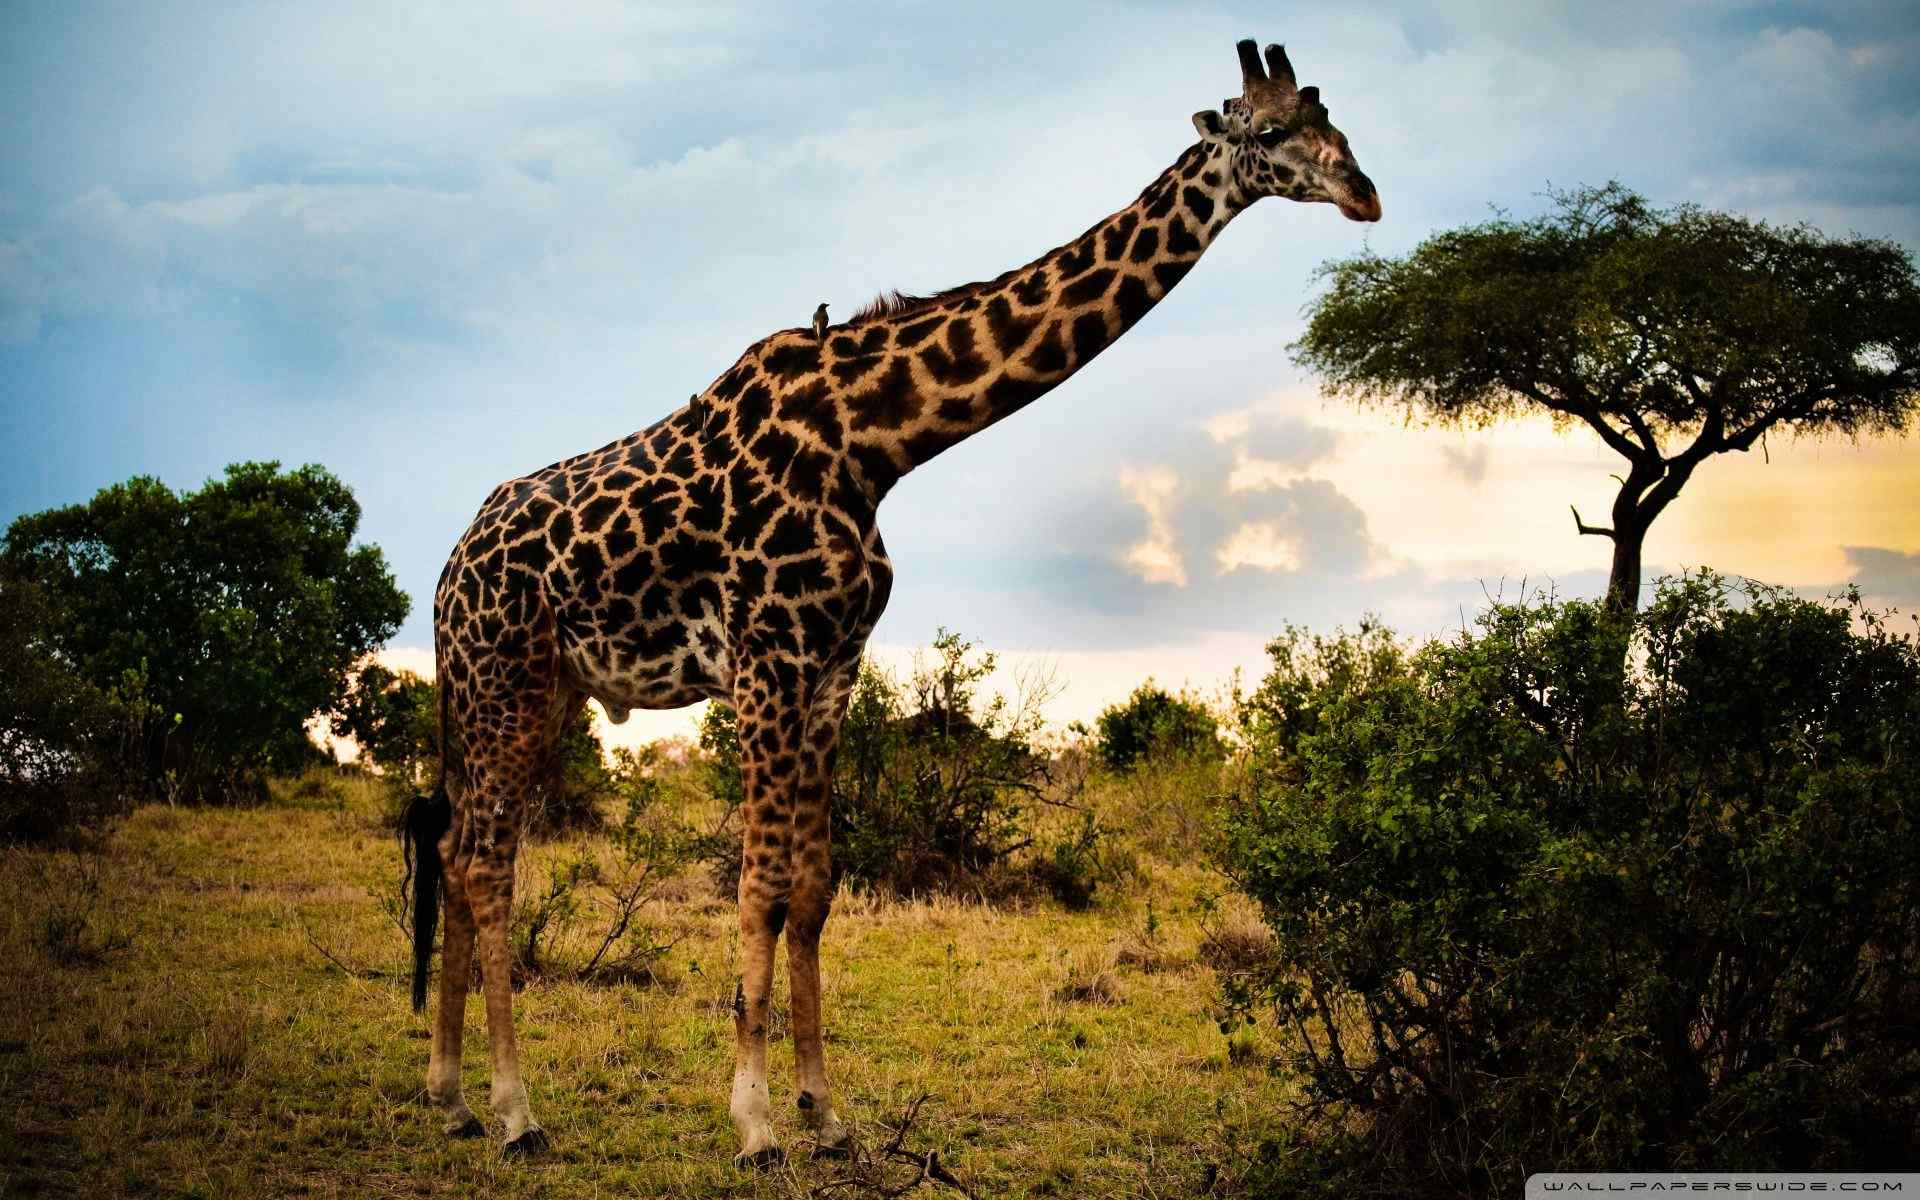 森林长颈鹿可爱特写图片桌面壁纸 长颈鹿图片